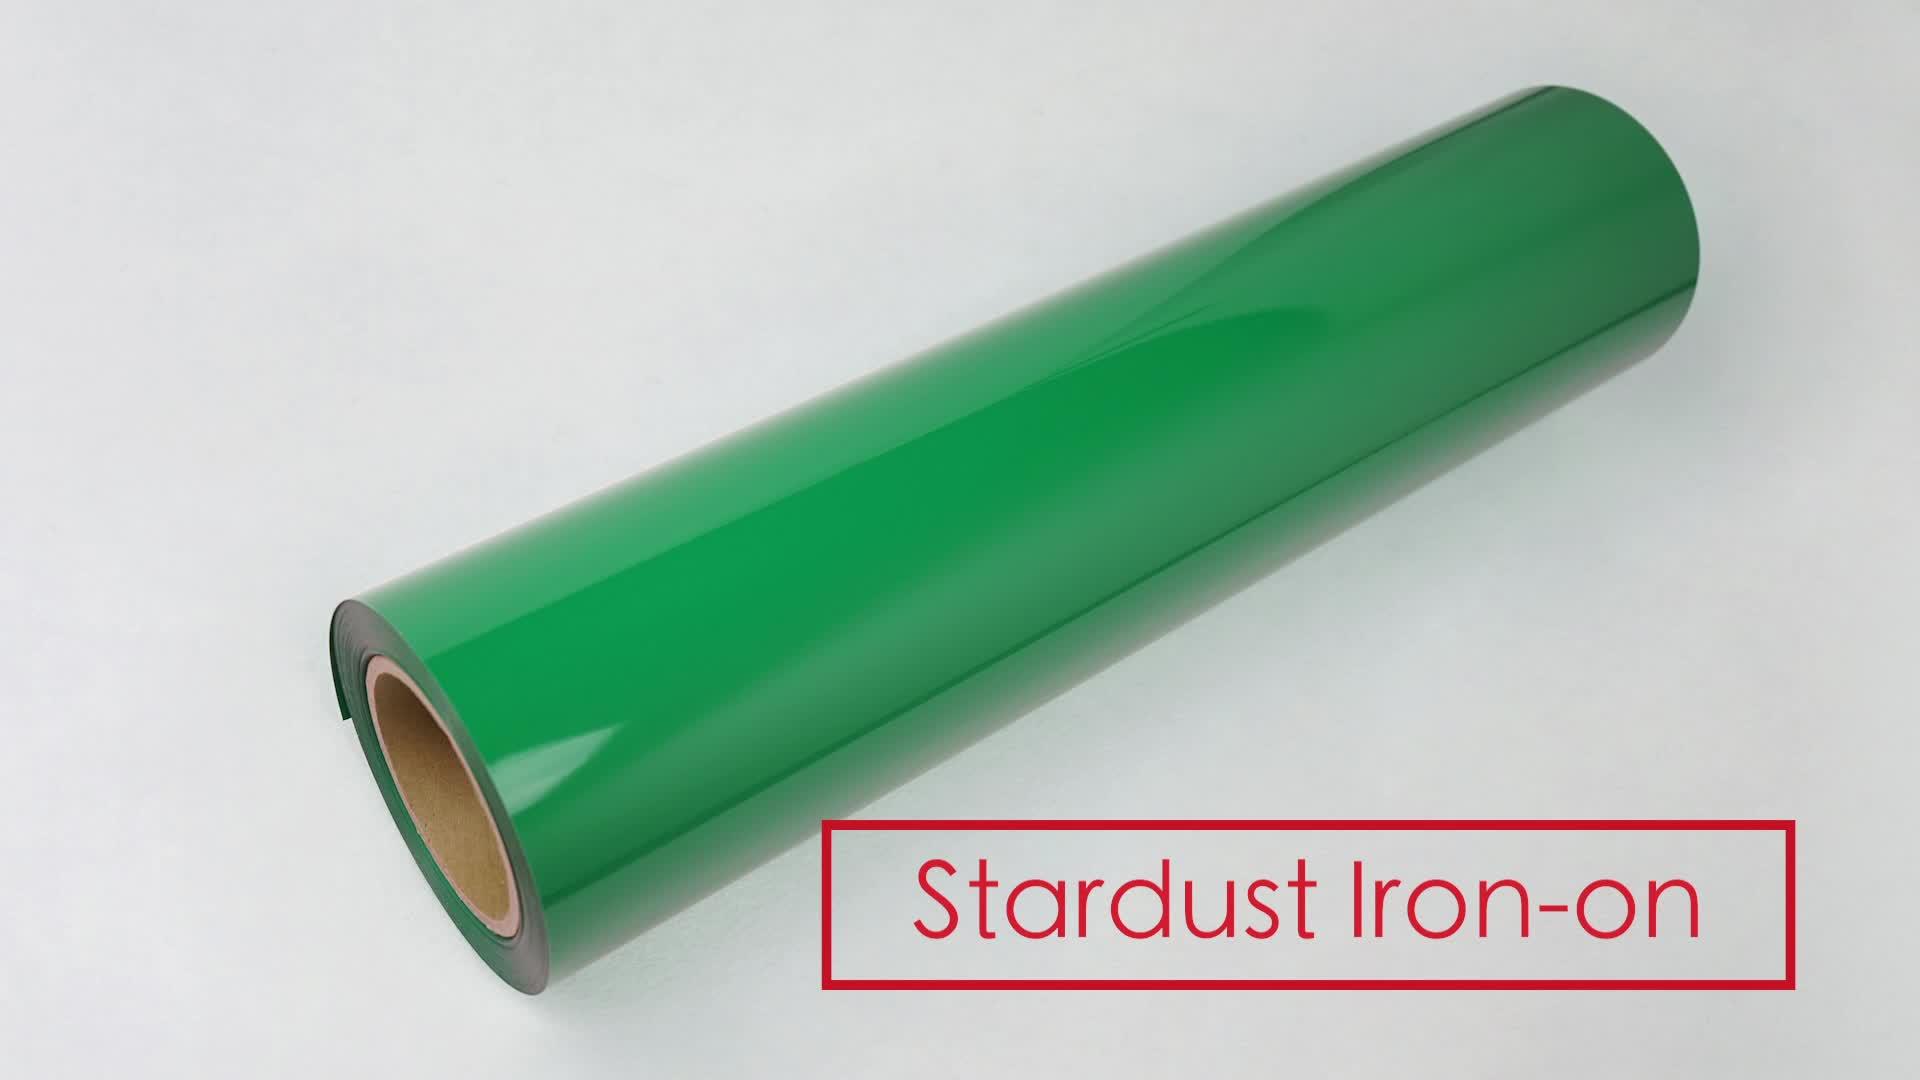 Stardust PU calor transferência de vinil rolo estiramento película lisa à prova d' água adesivo adequado aceitar logotipo personalizado de ferro em roupas aplicar